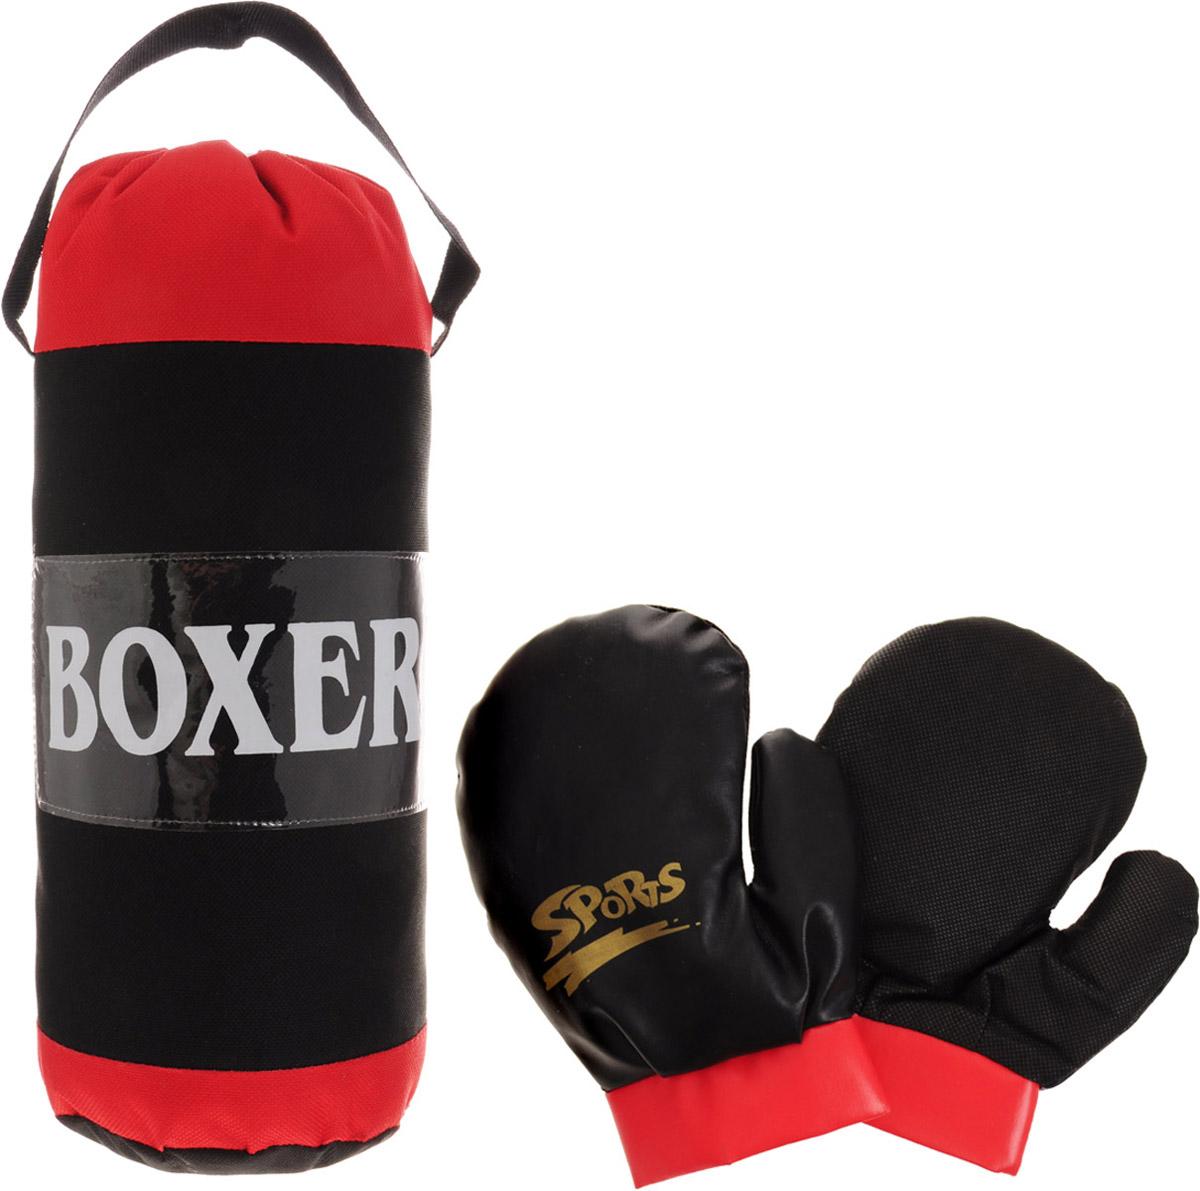 Junfa Toys Игровой набор Boxer цвет красный черный